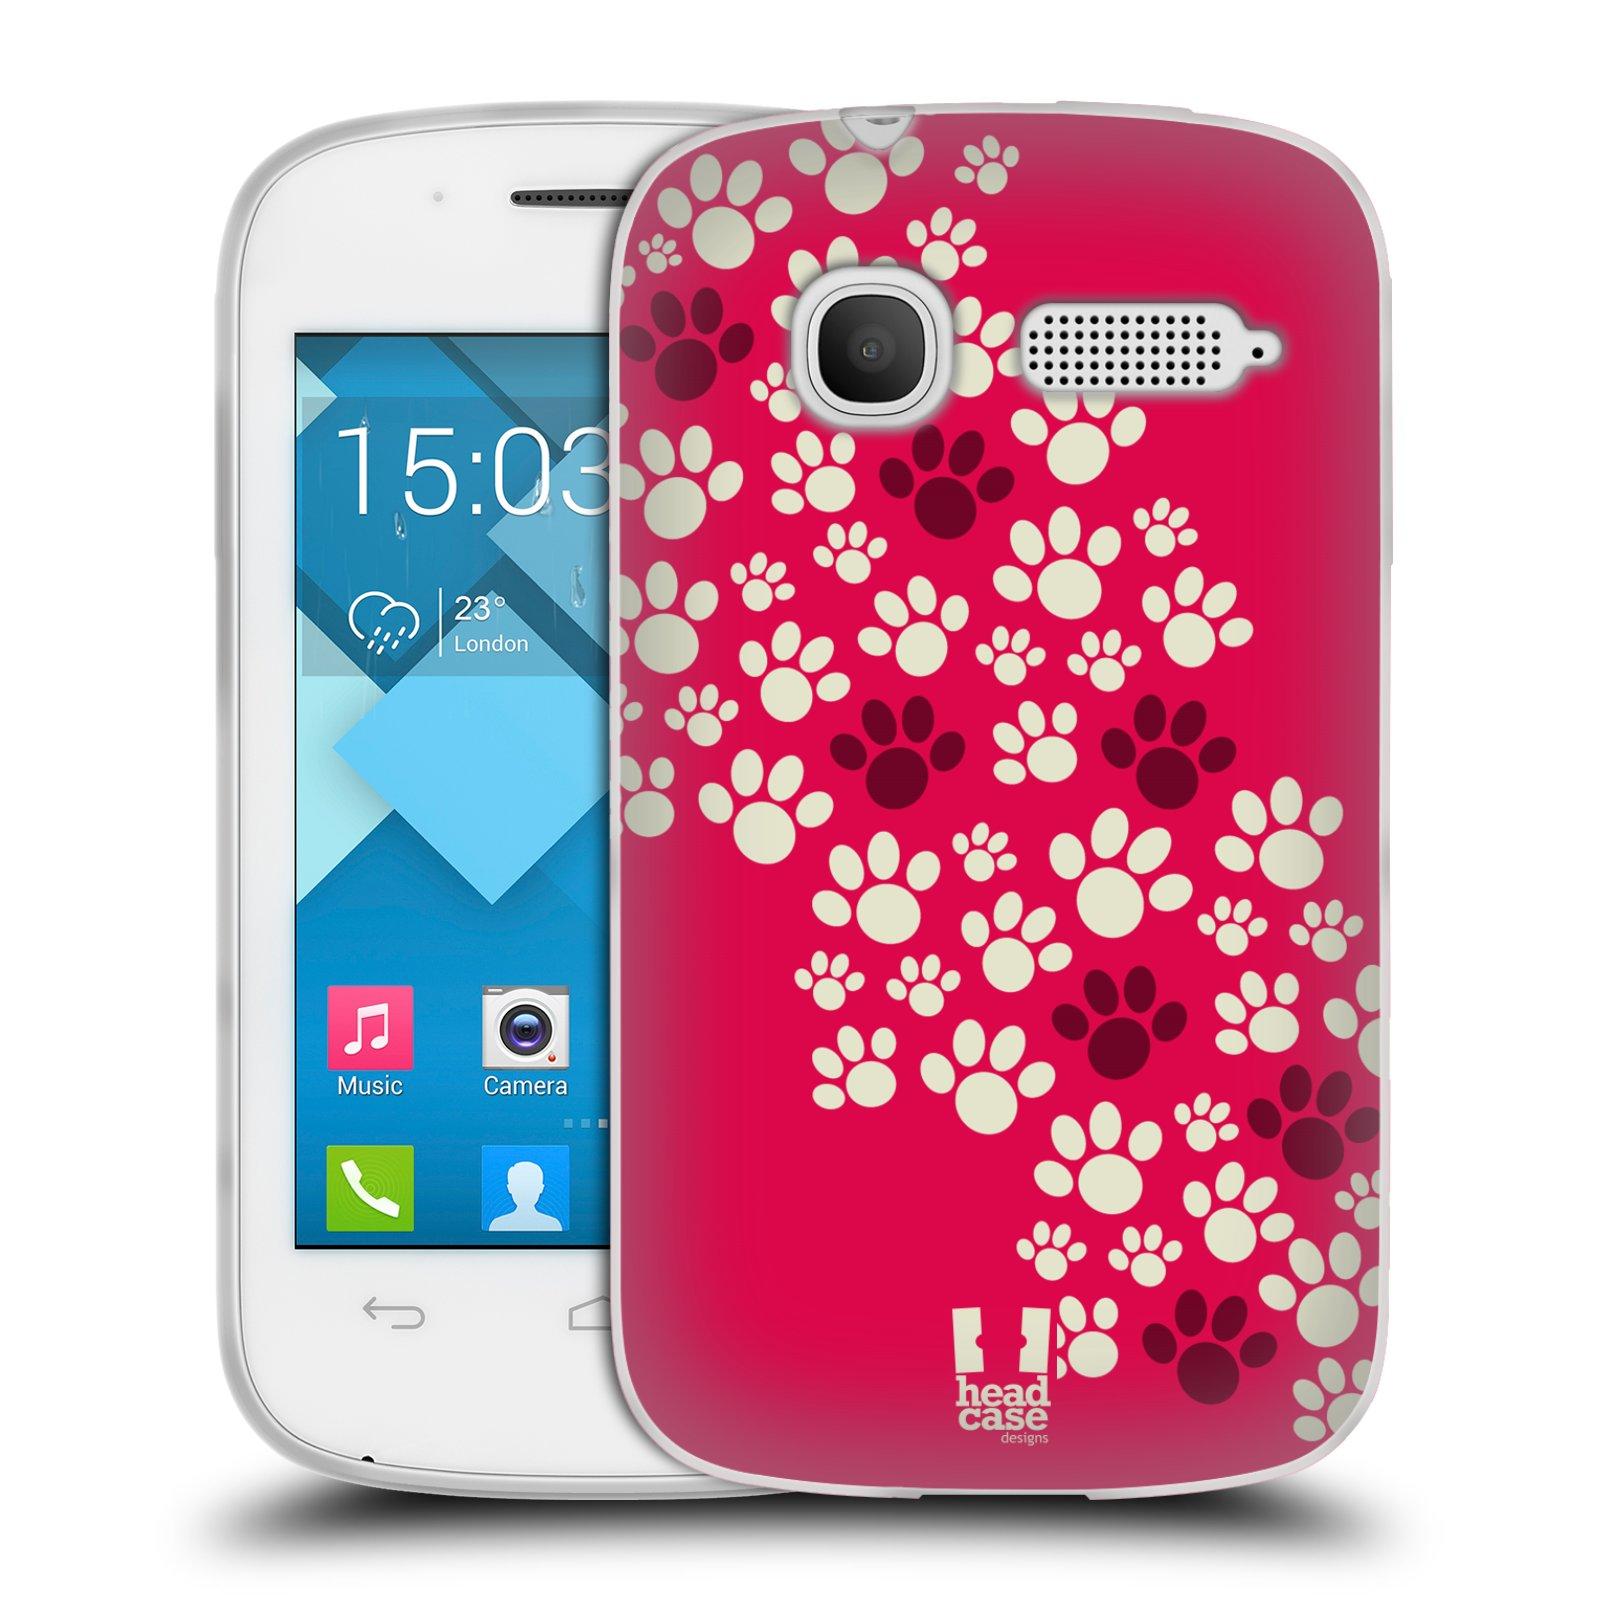 Silikonové pouzdro na mobil Alcatel One Touch Pop C1 HEAD CASE TLAPKY RŮŽOVÉ (Silikonový kryt či obal na mobilní telefon Alcatel OT-4015D POP C1)